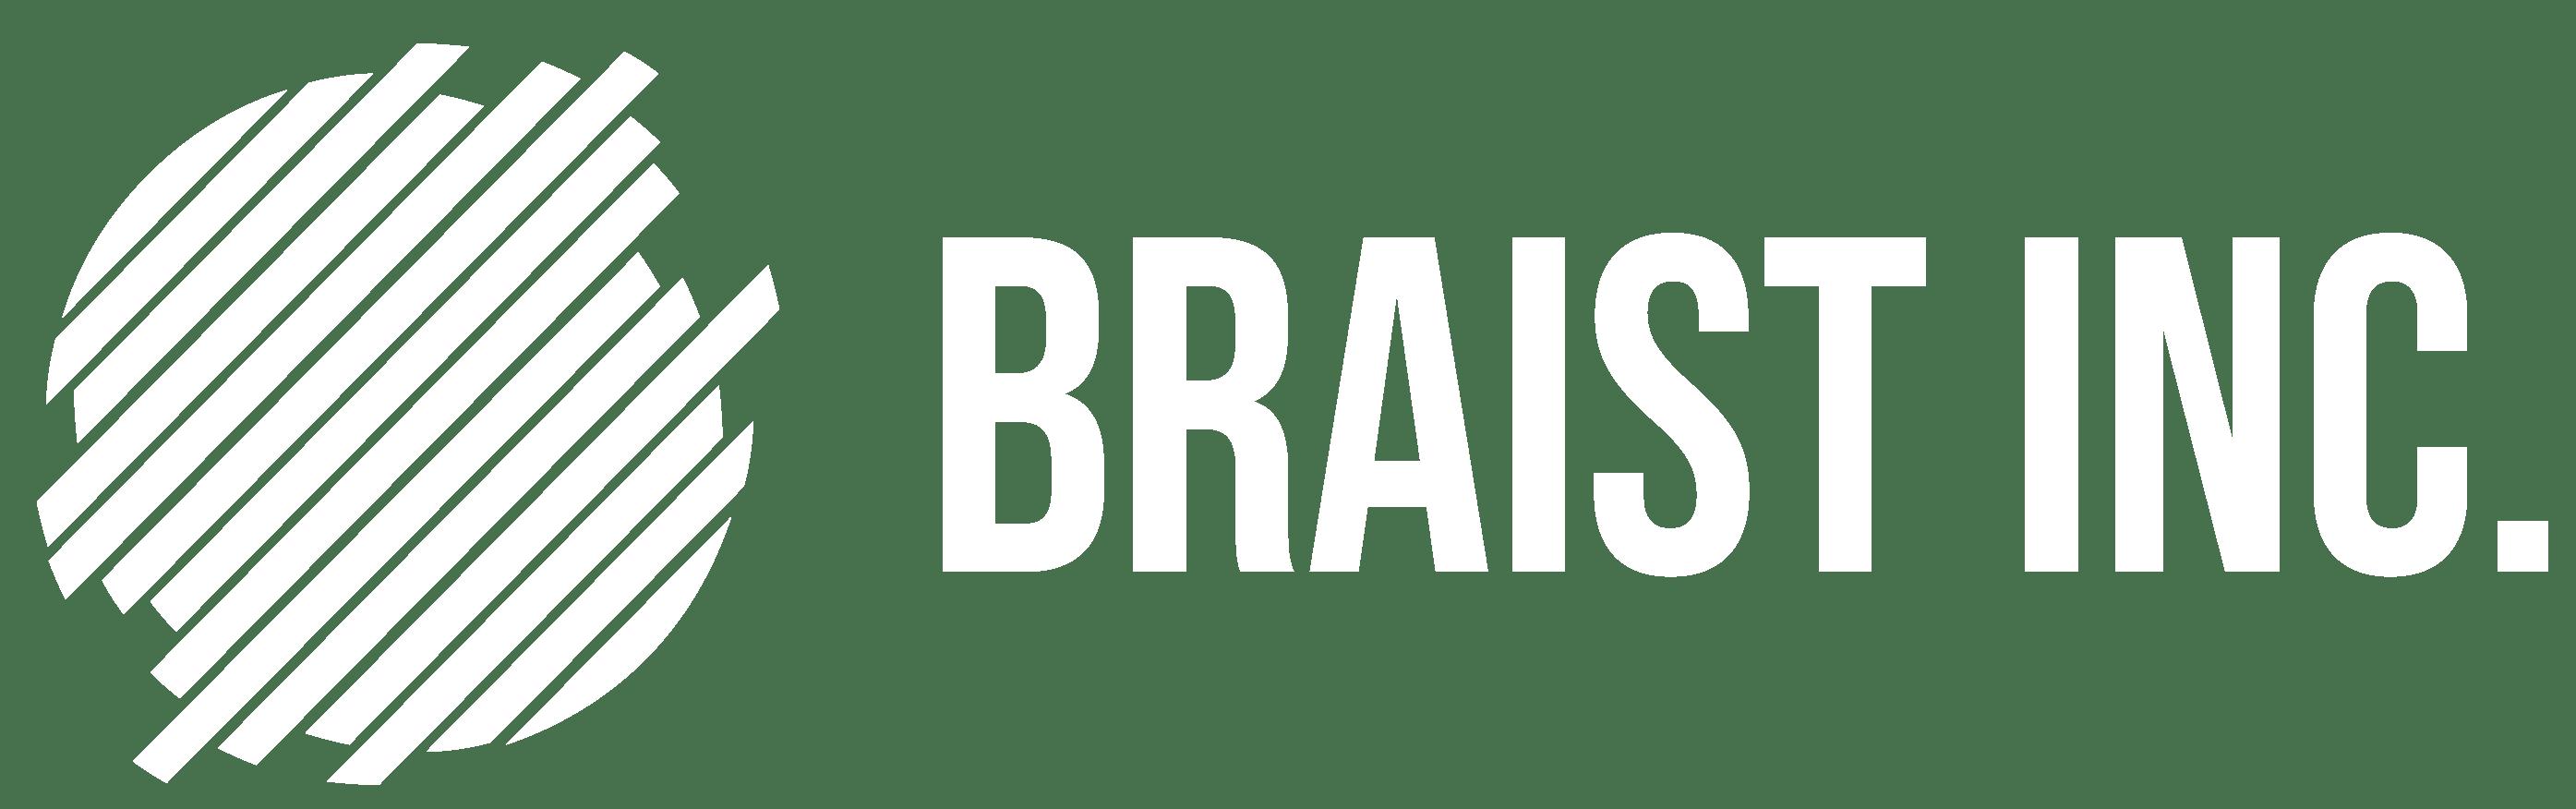 BRAIST INC.